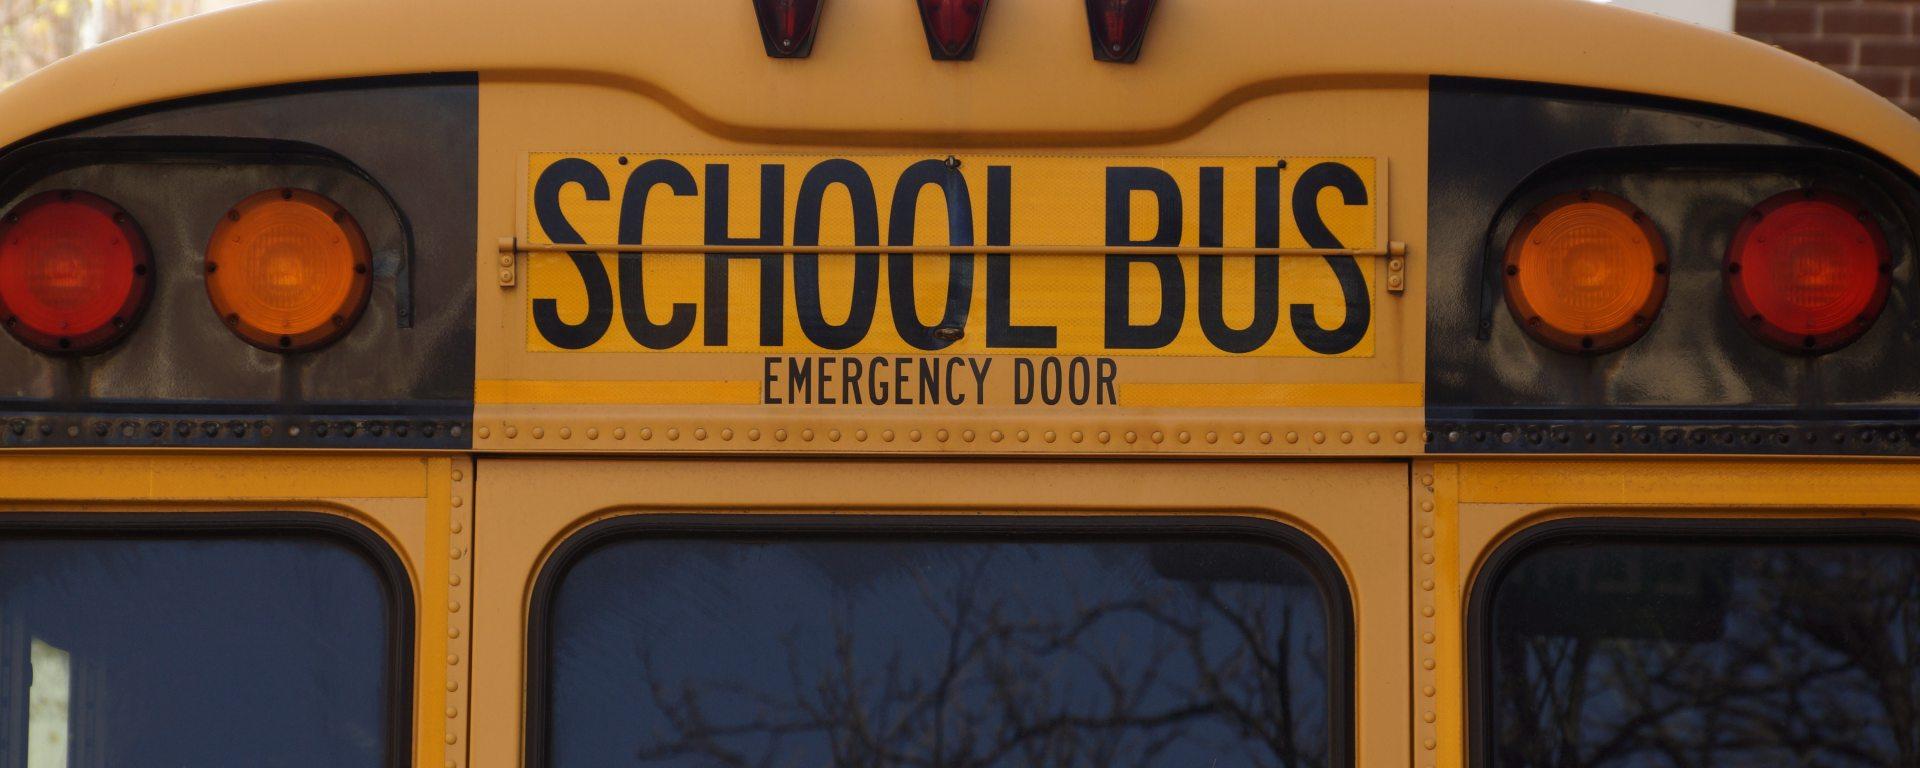 School Bus Commute